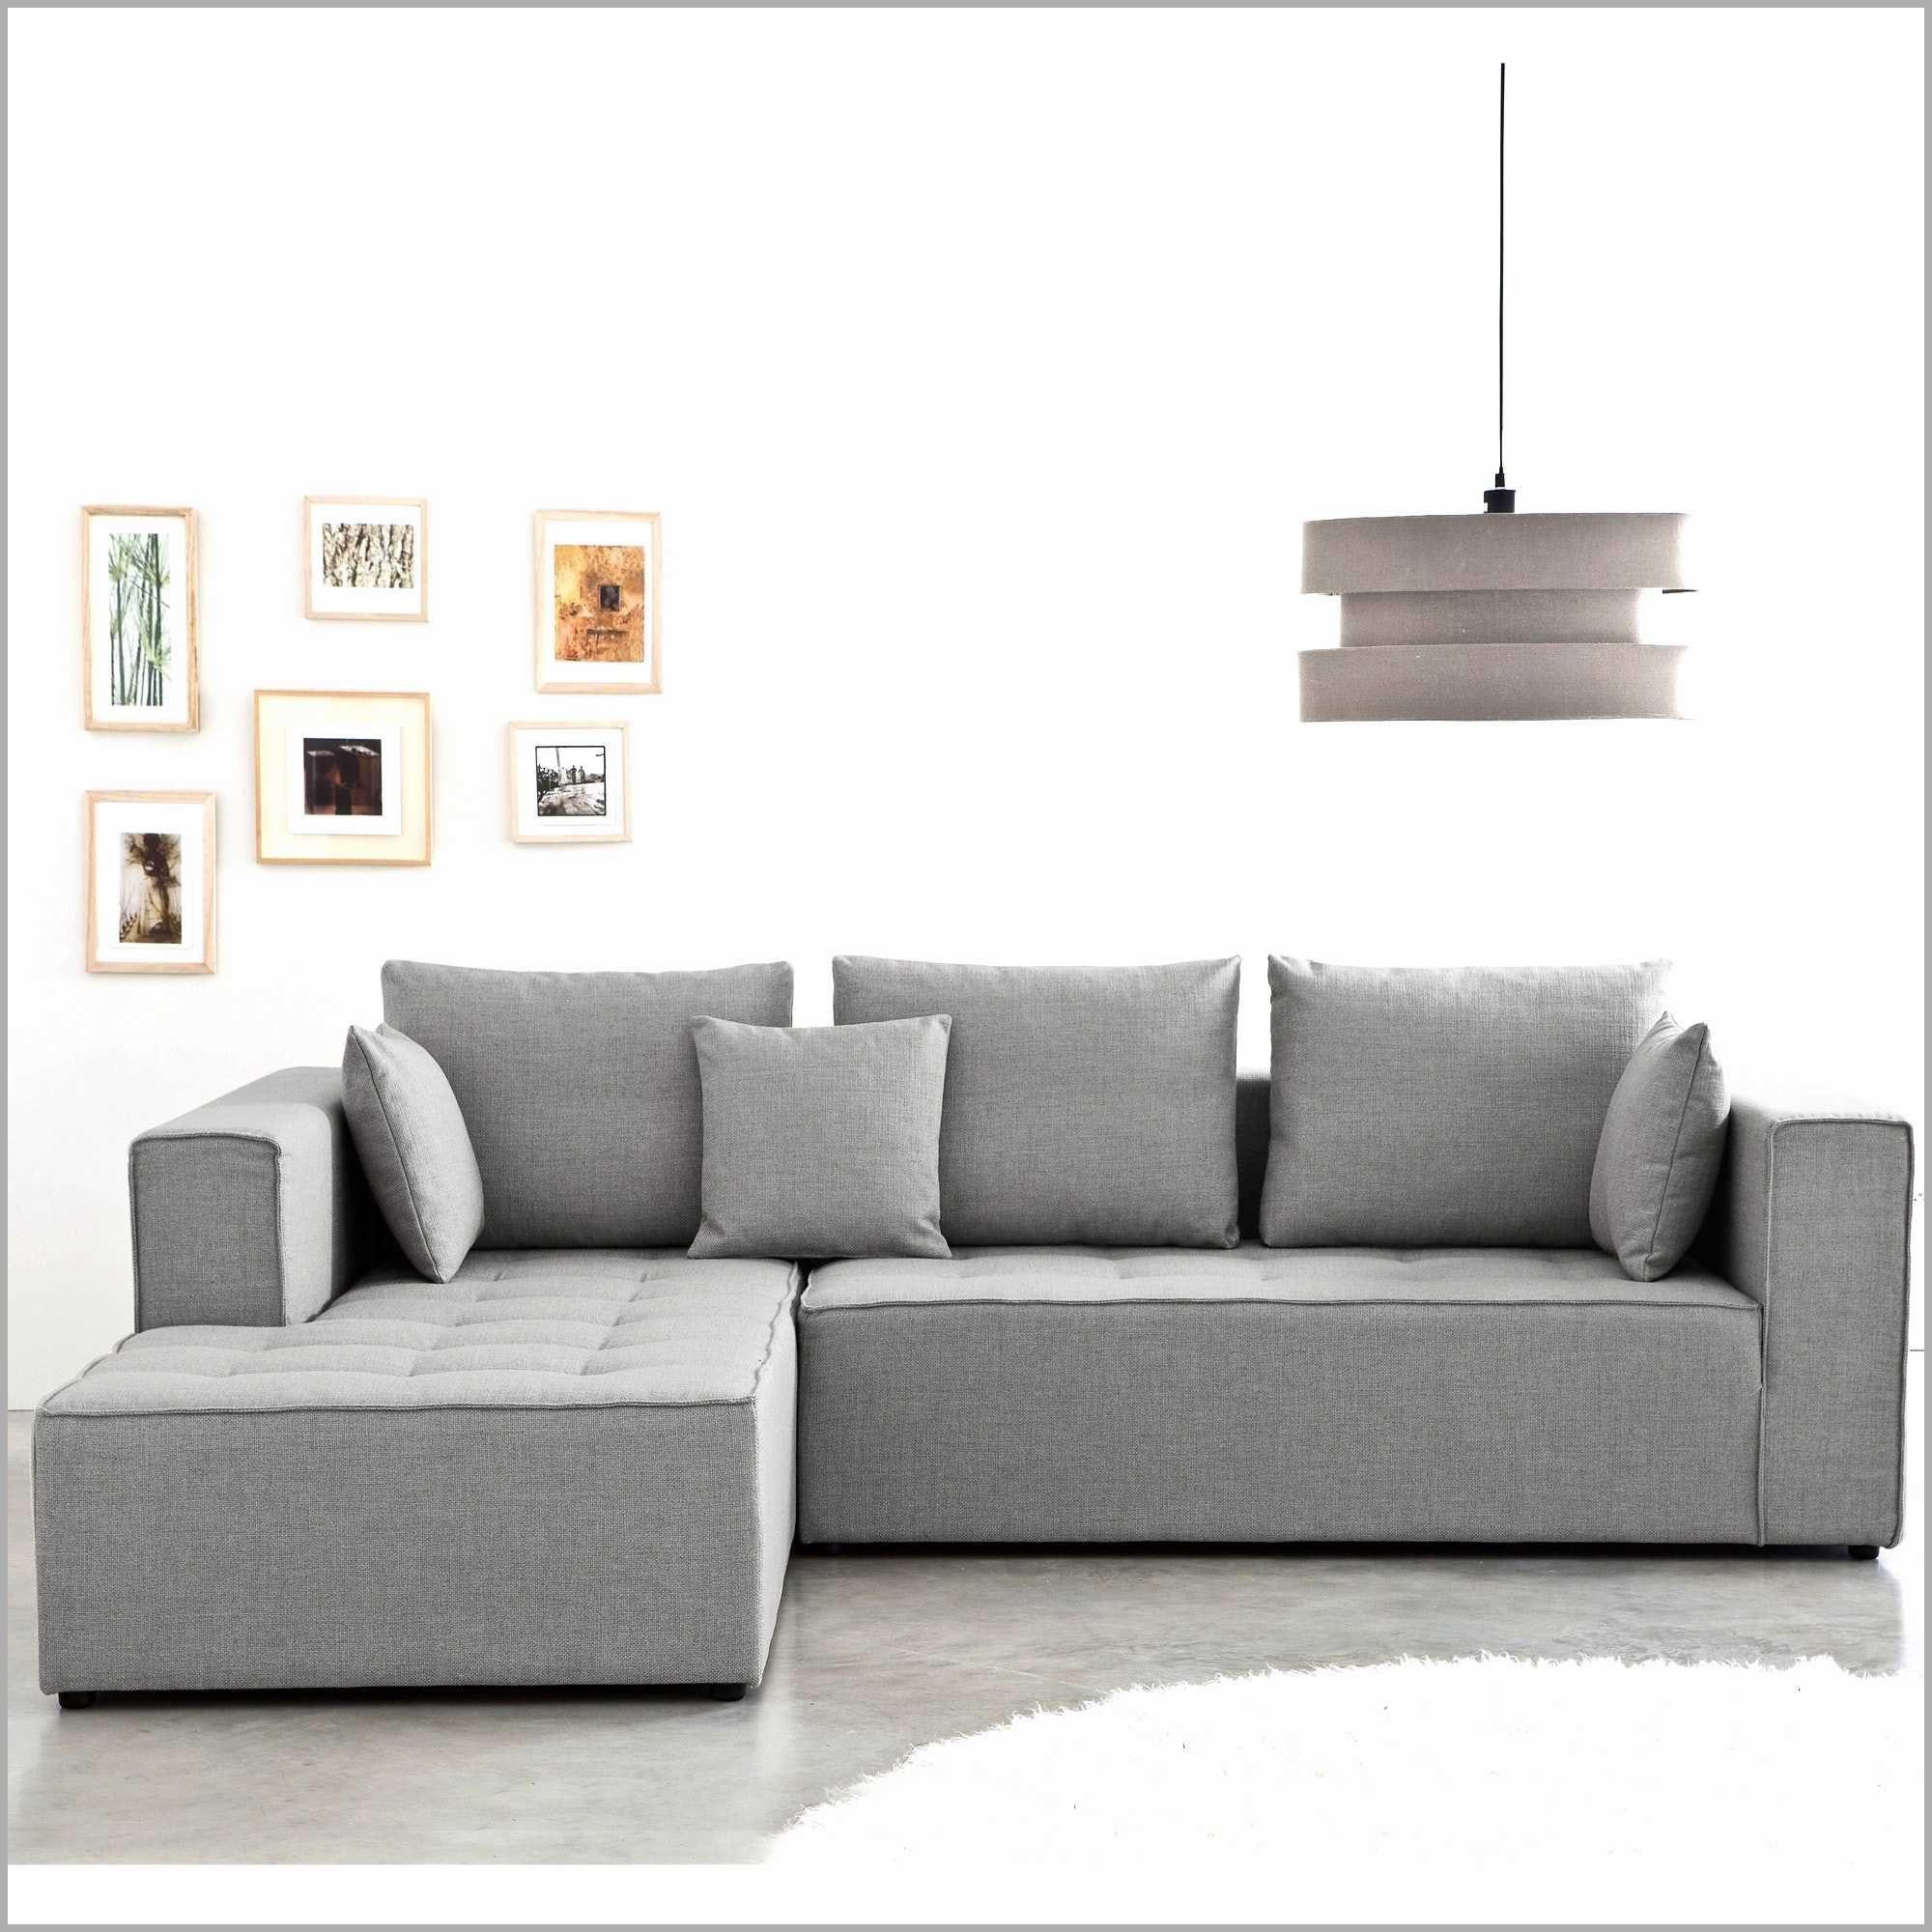 Nouveau Canapé Lit Couchage Quoti n Ikea 61 Idées De Design